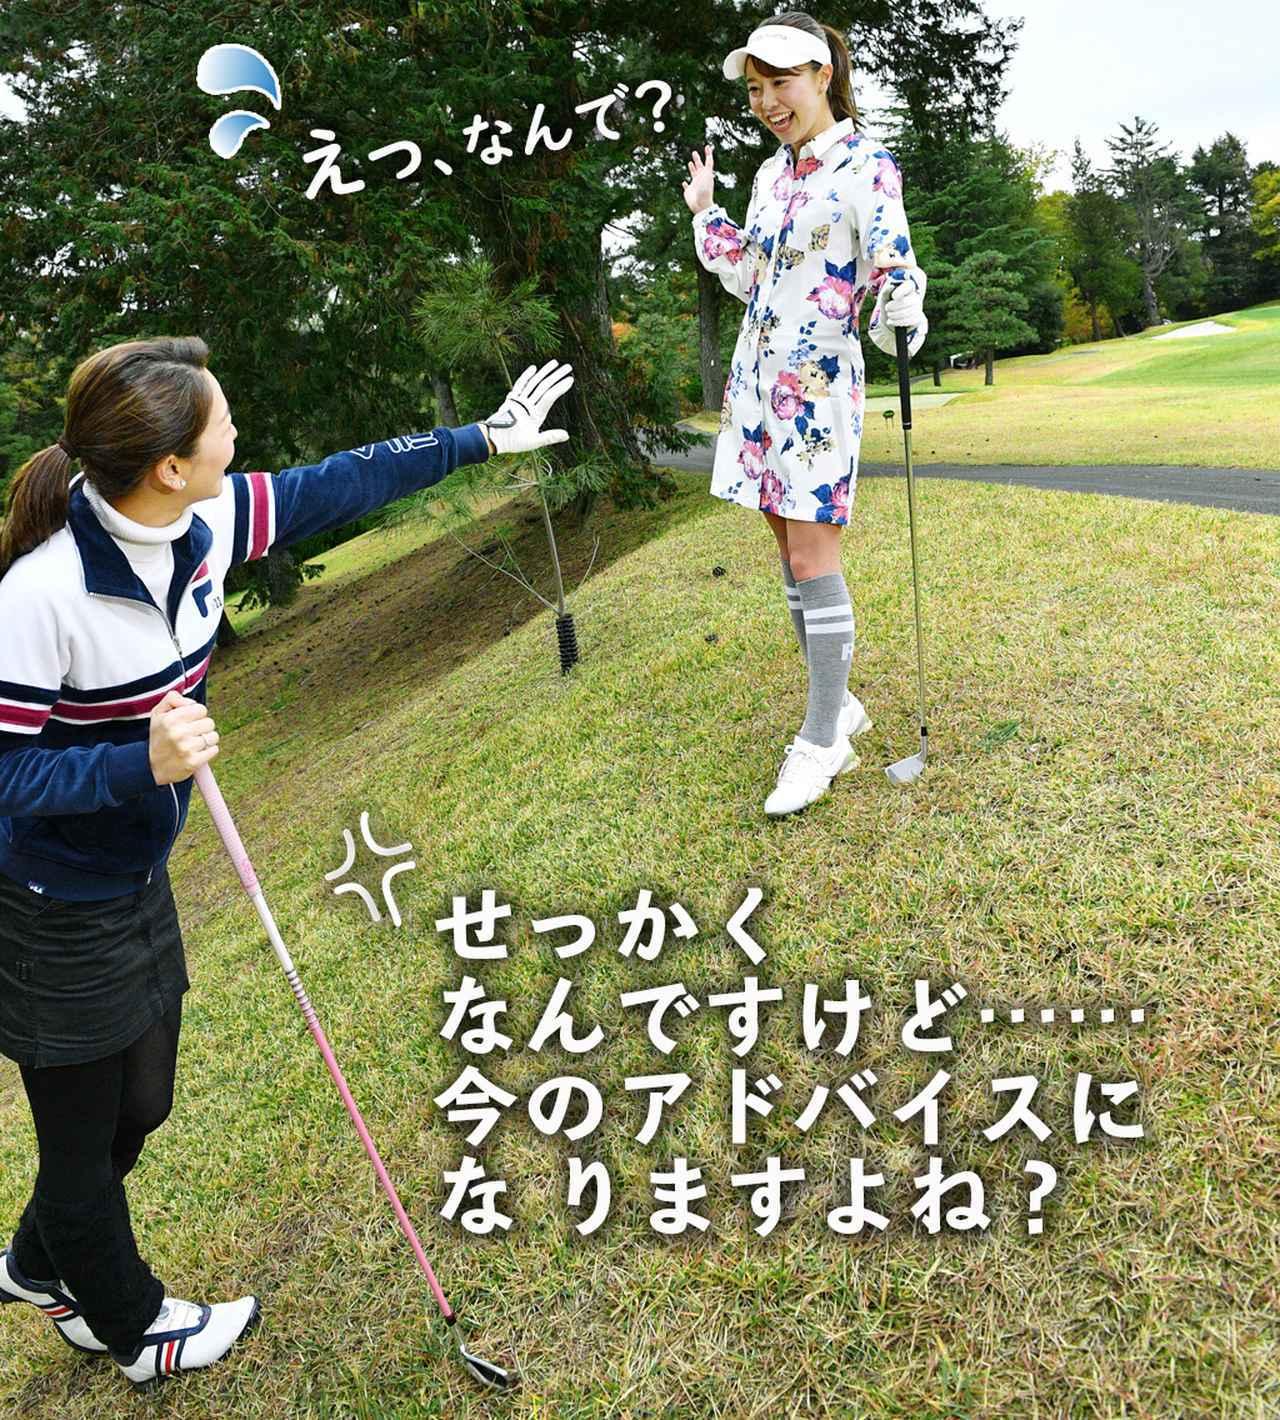 画像4: 【新ルール】ピンが見えない所にボールがあるときは、ピンの方向を教えていい?